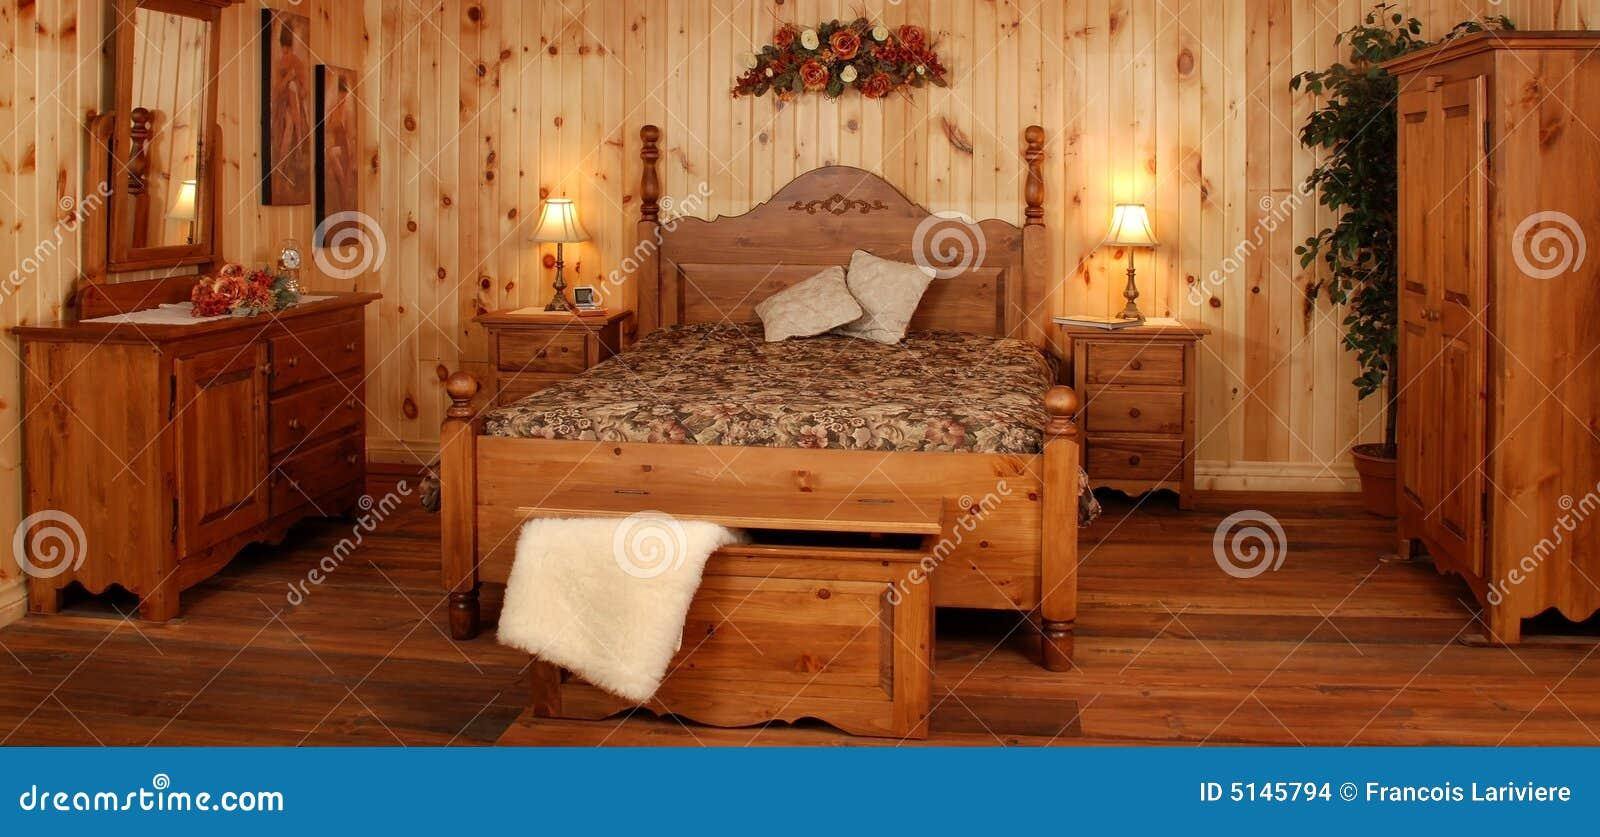 Divano Rustico Per Taverna : Divano in legno rustico affordable rodipicjpg with divano in